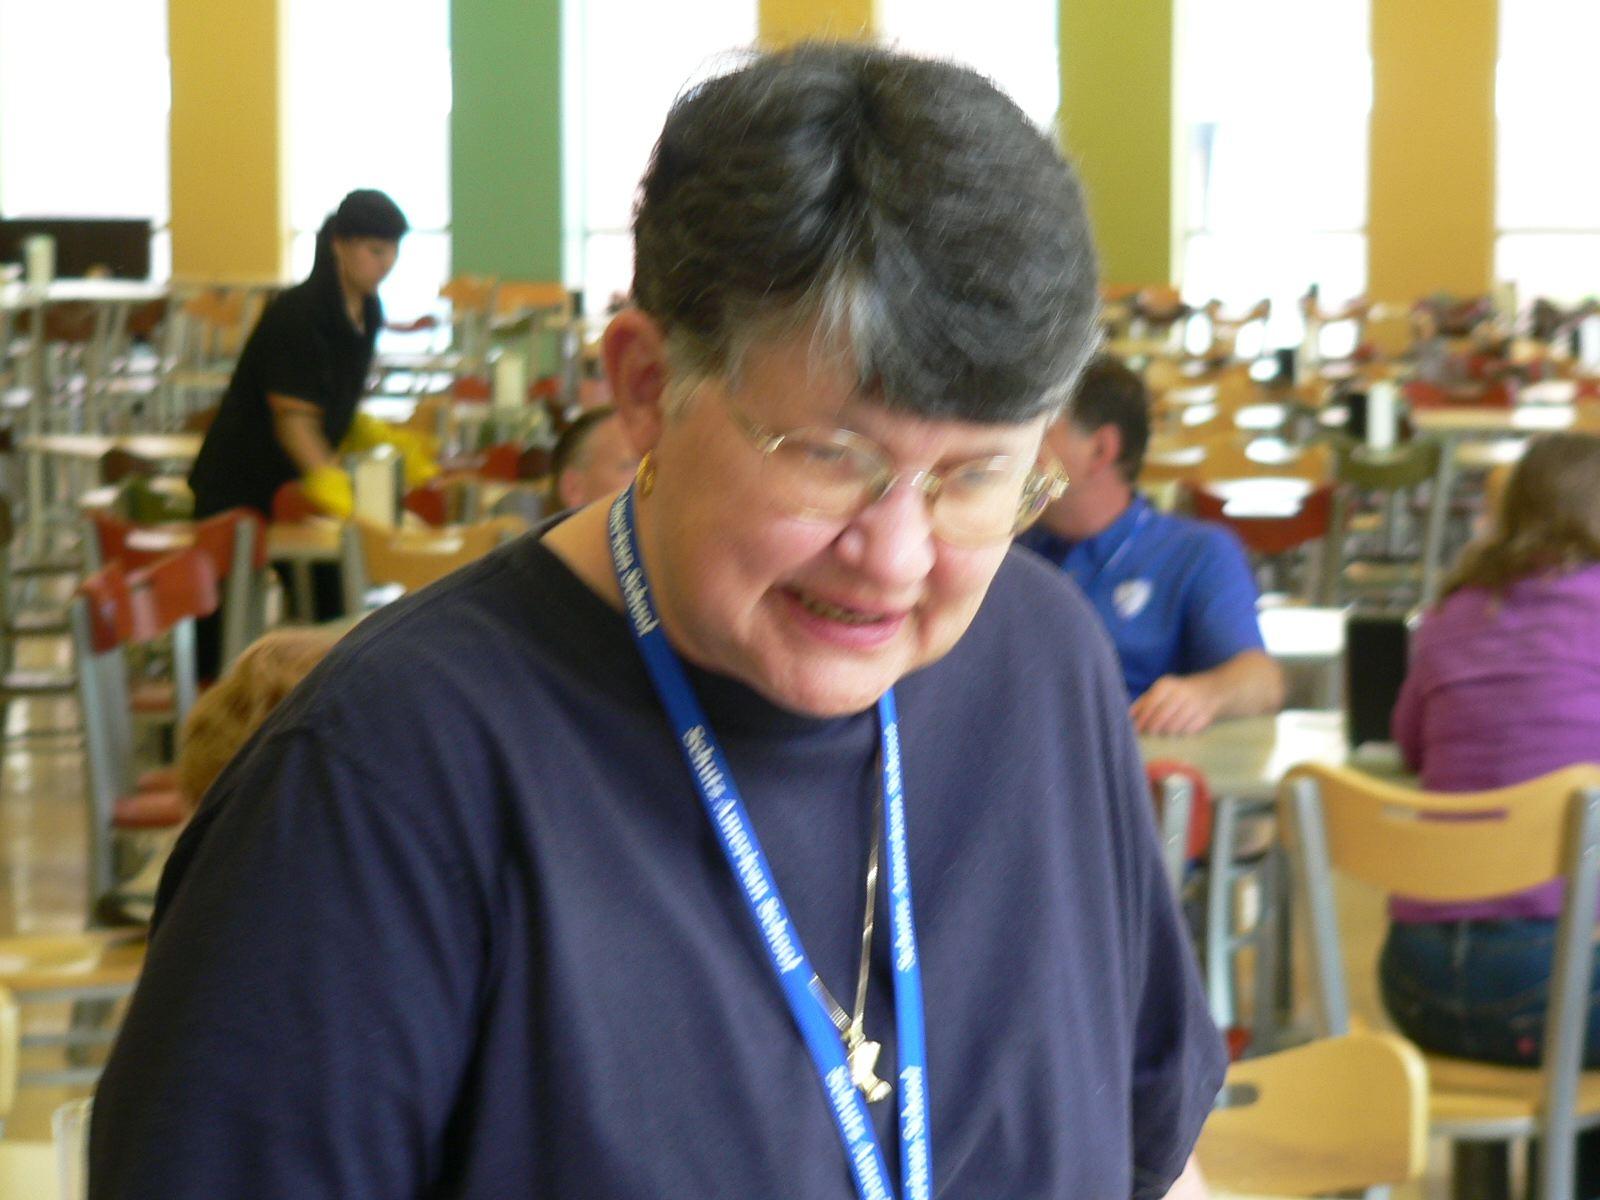 Janie Walters